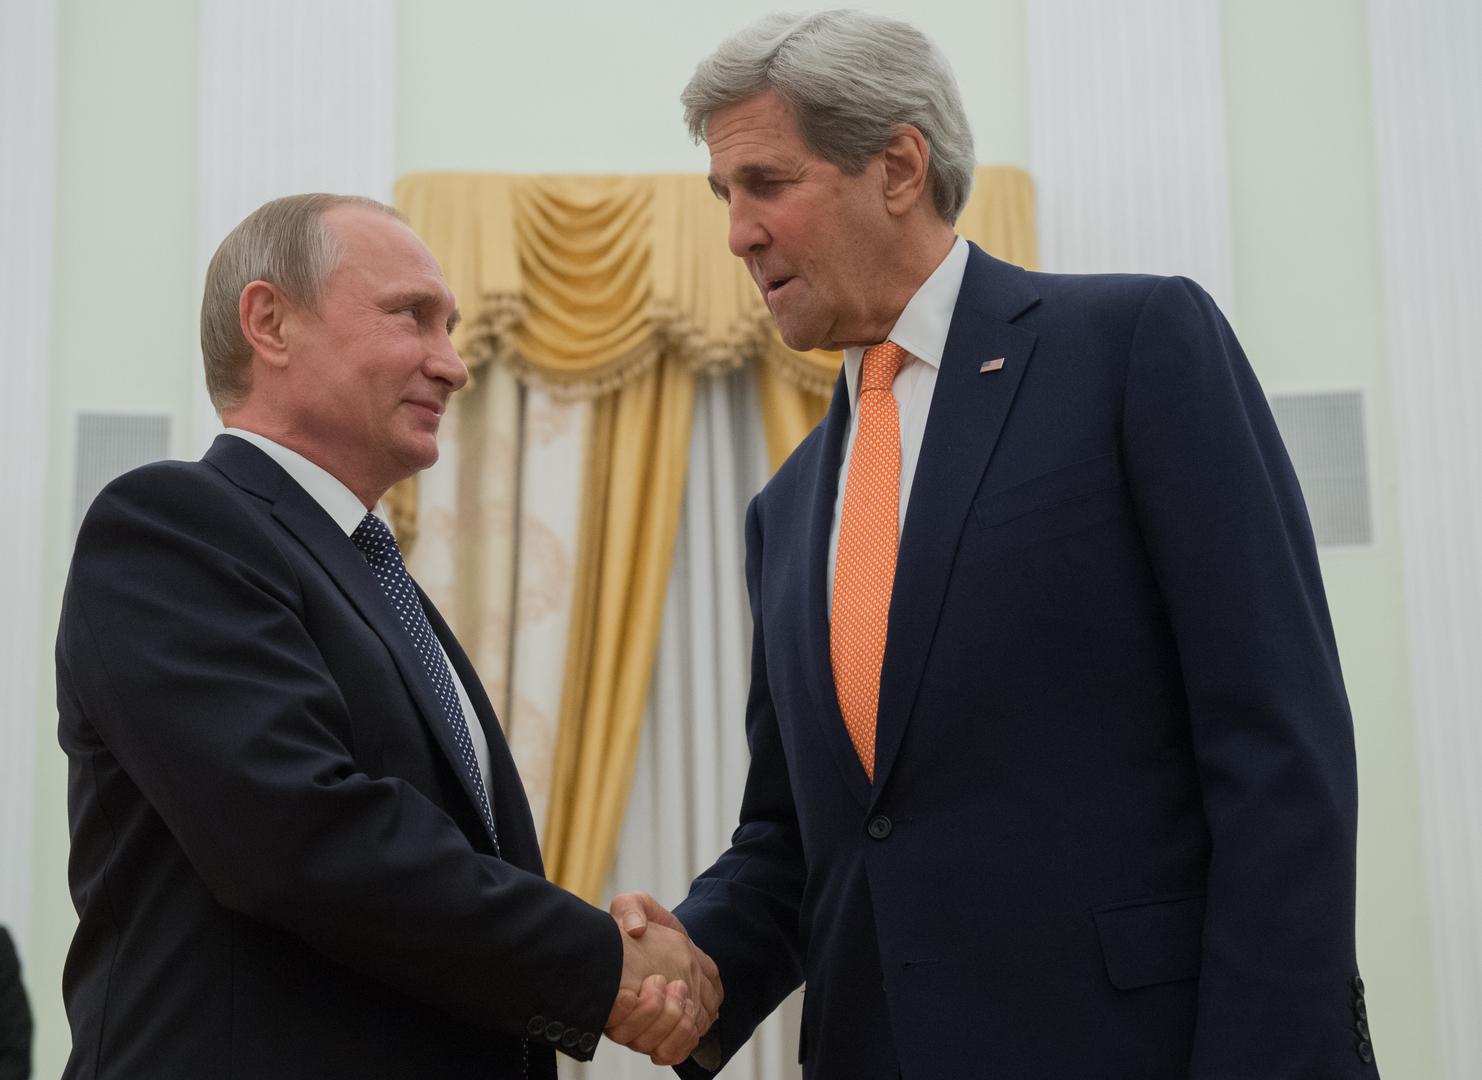 لقاء الرئيس الروسي فلاديمير بوتين مع جون كيري في 2016 (صورة من الأرشيف)